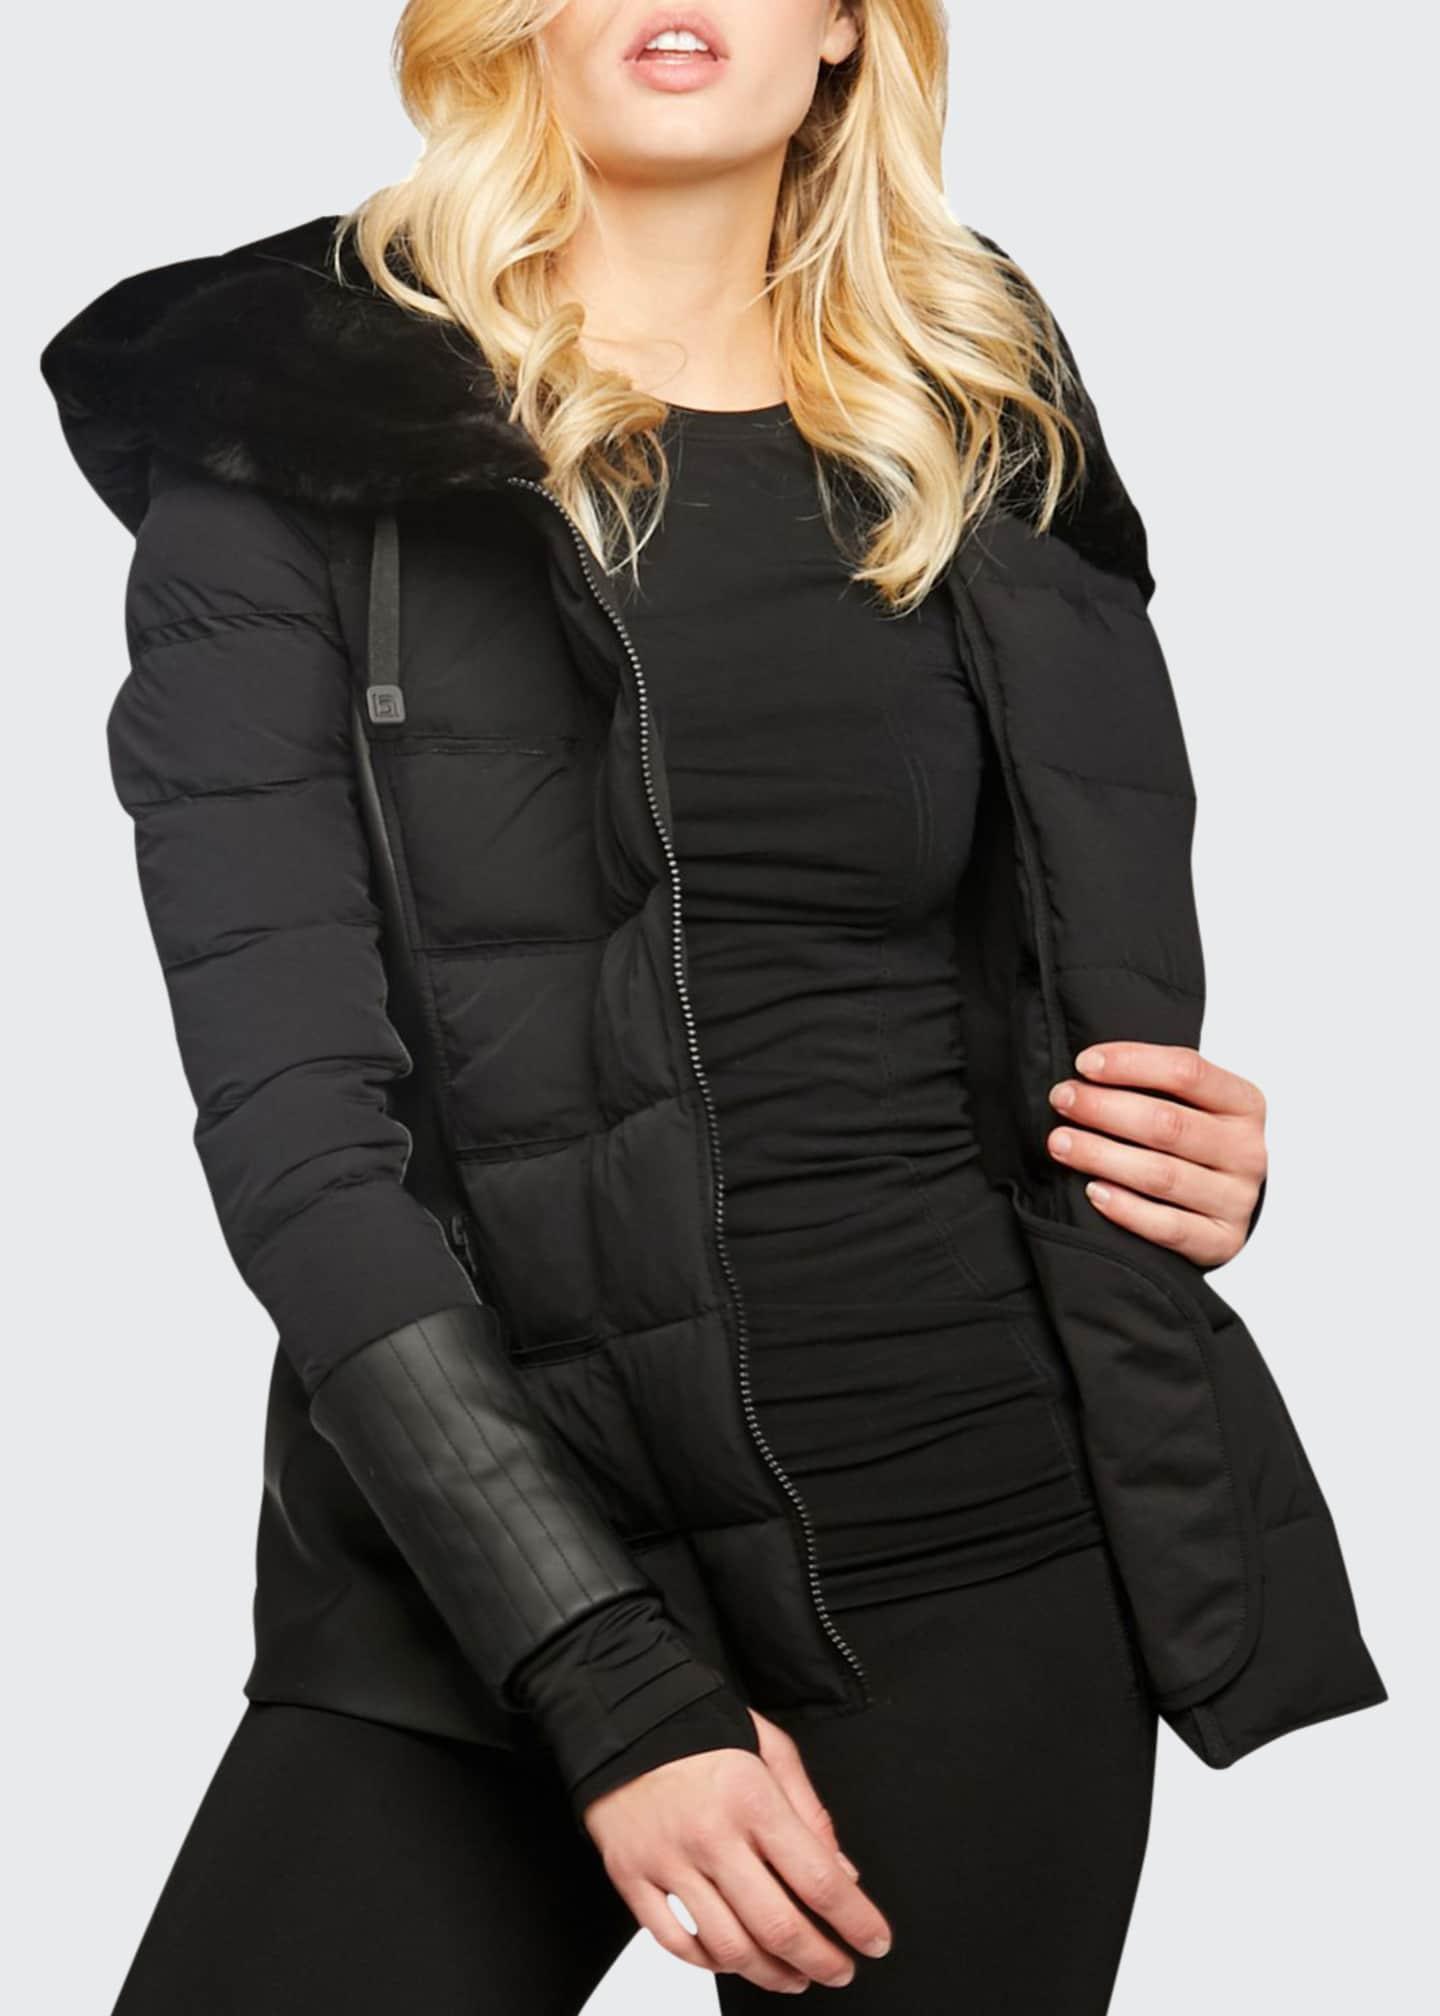 Blanc Noir Asymmetric Moto Puffer Jacket w/ Faux